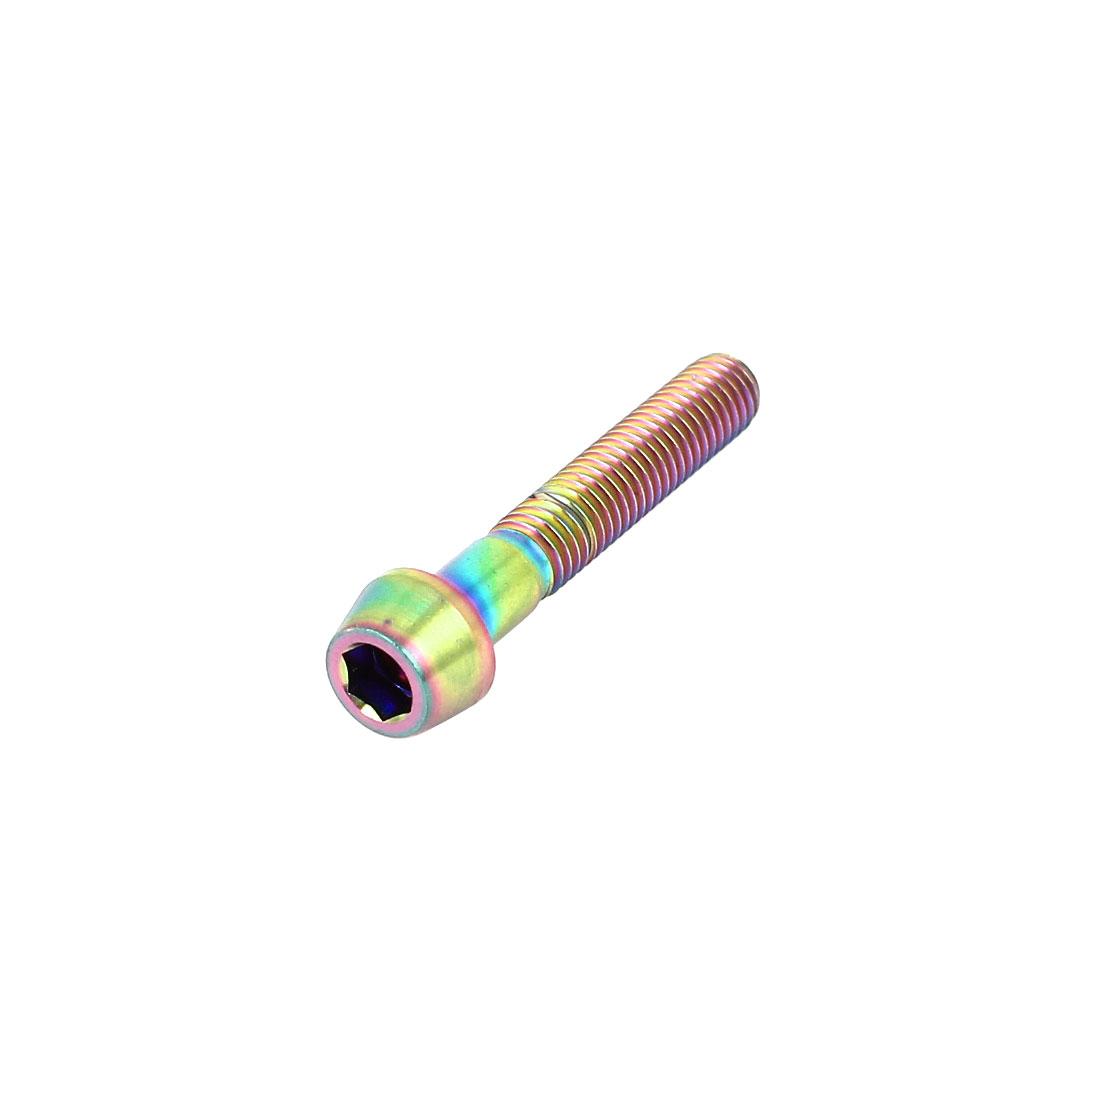 M5x30mm Colorful Titanium Hex Socket Taper Head Bolts Screws Seat Post Fasteners